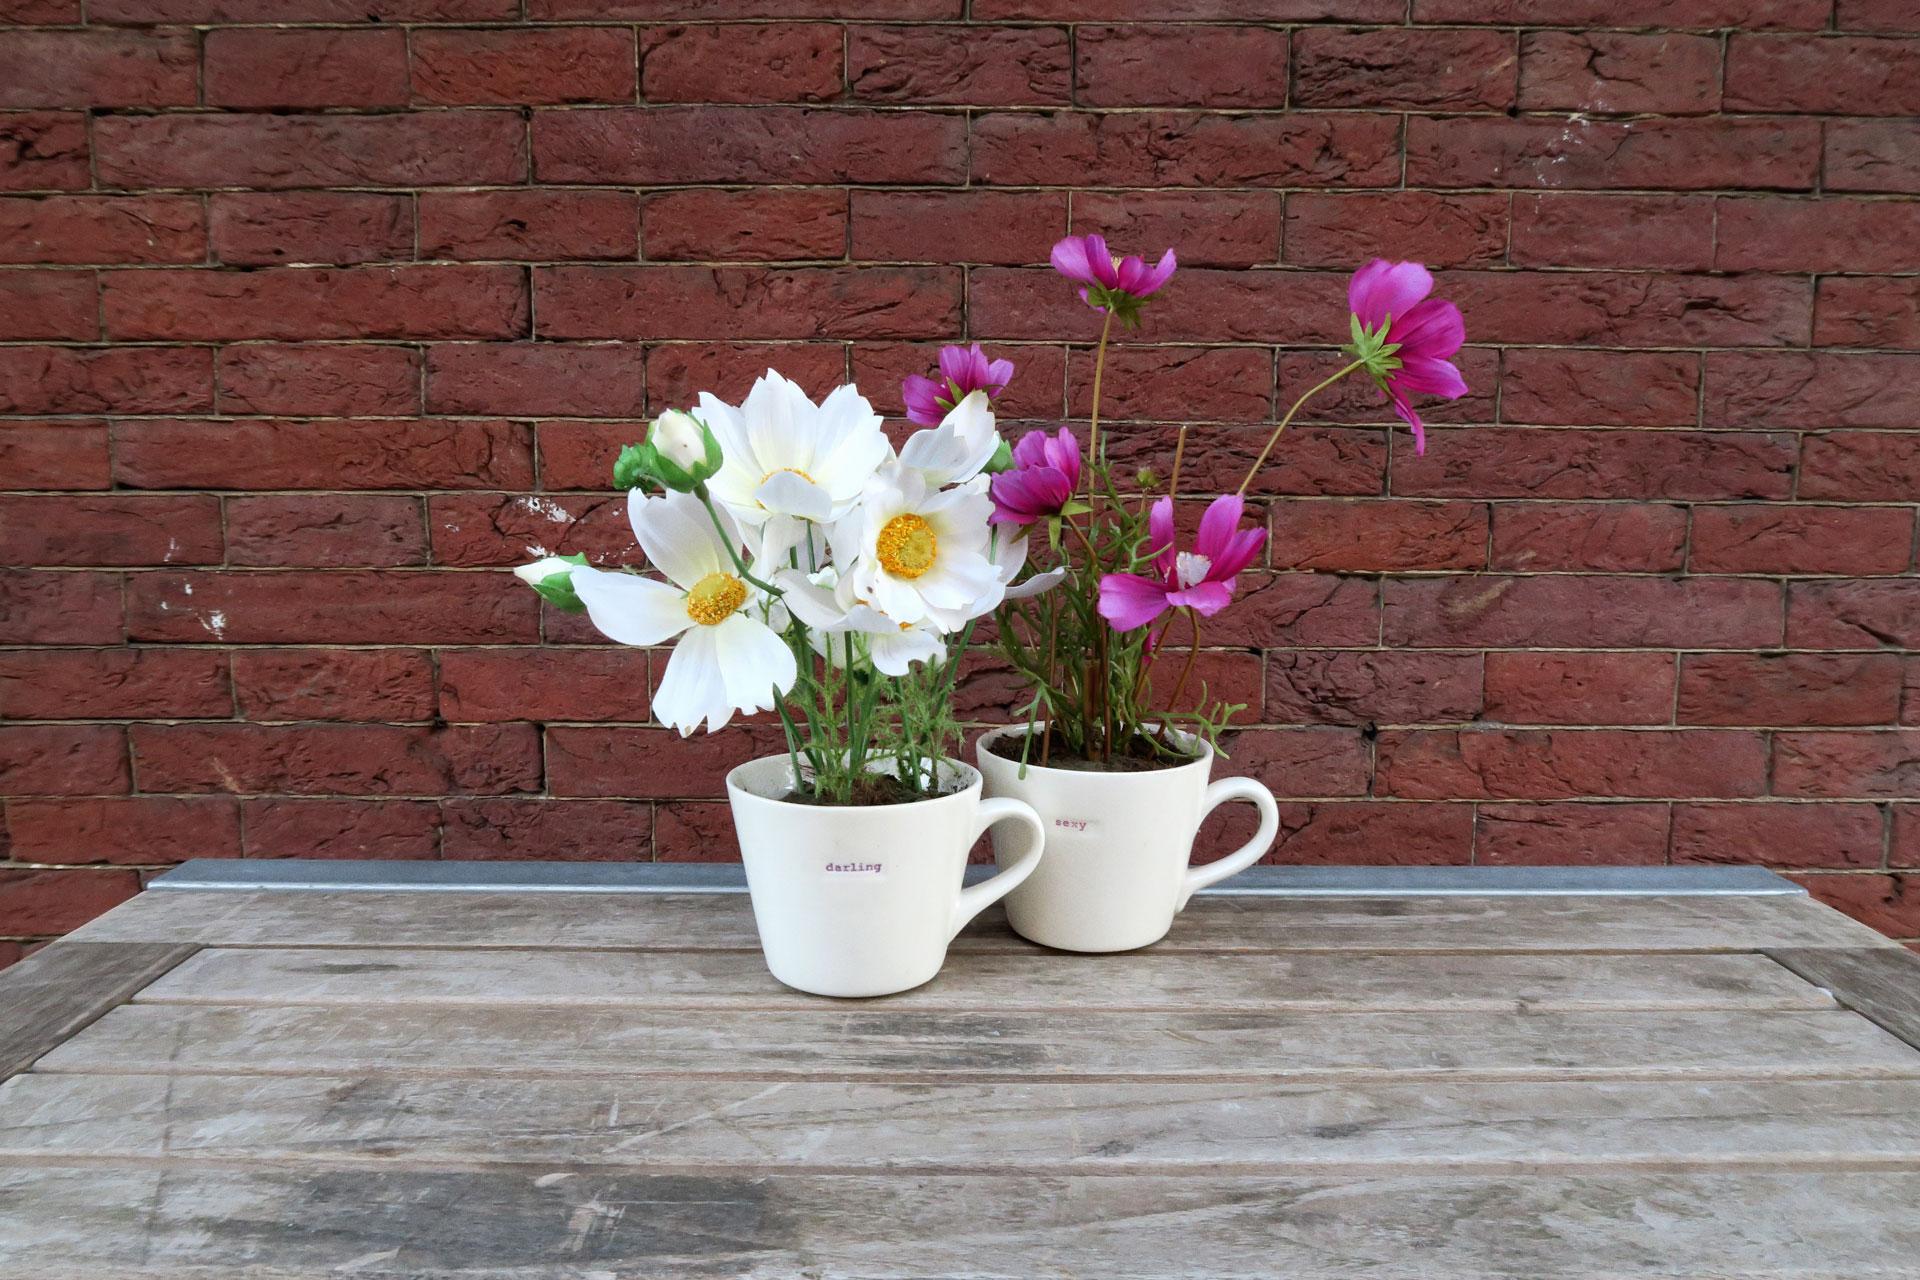 flower-amsterdam-denisasimam